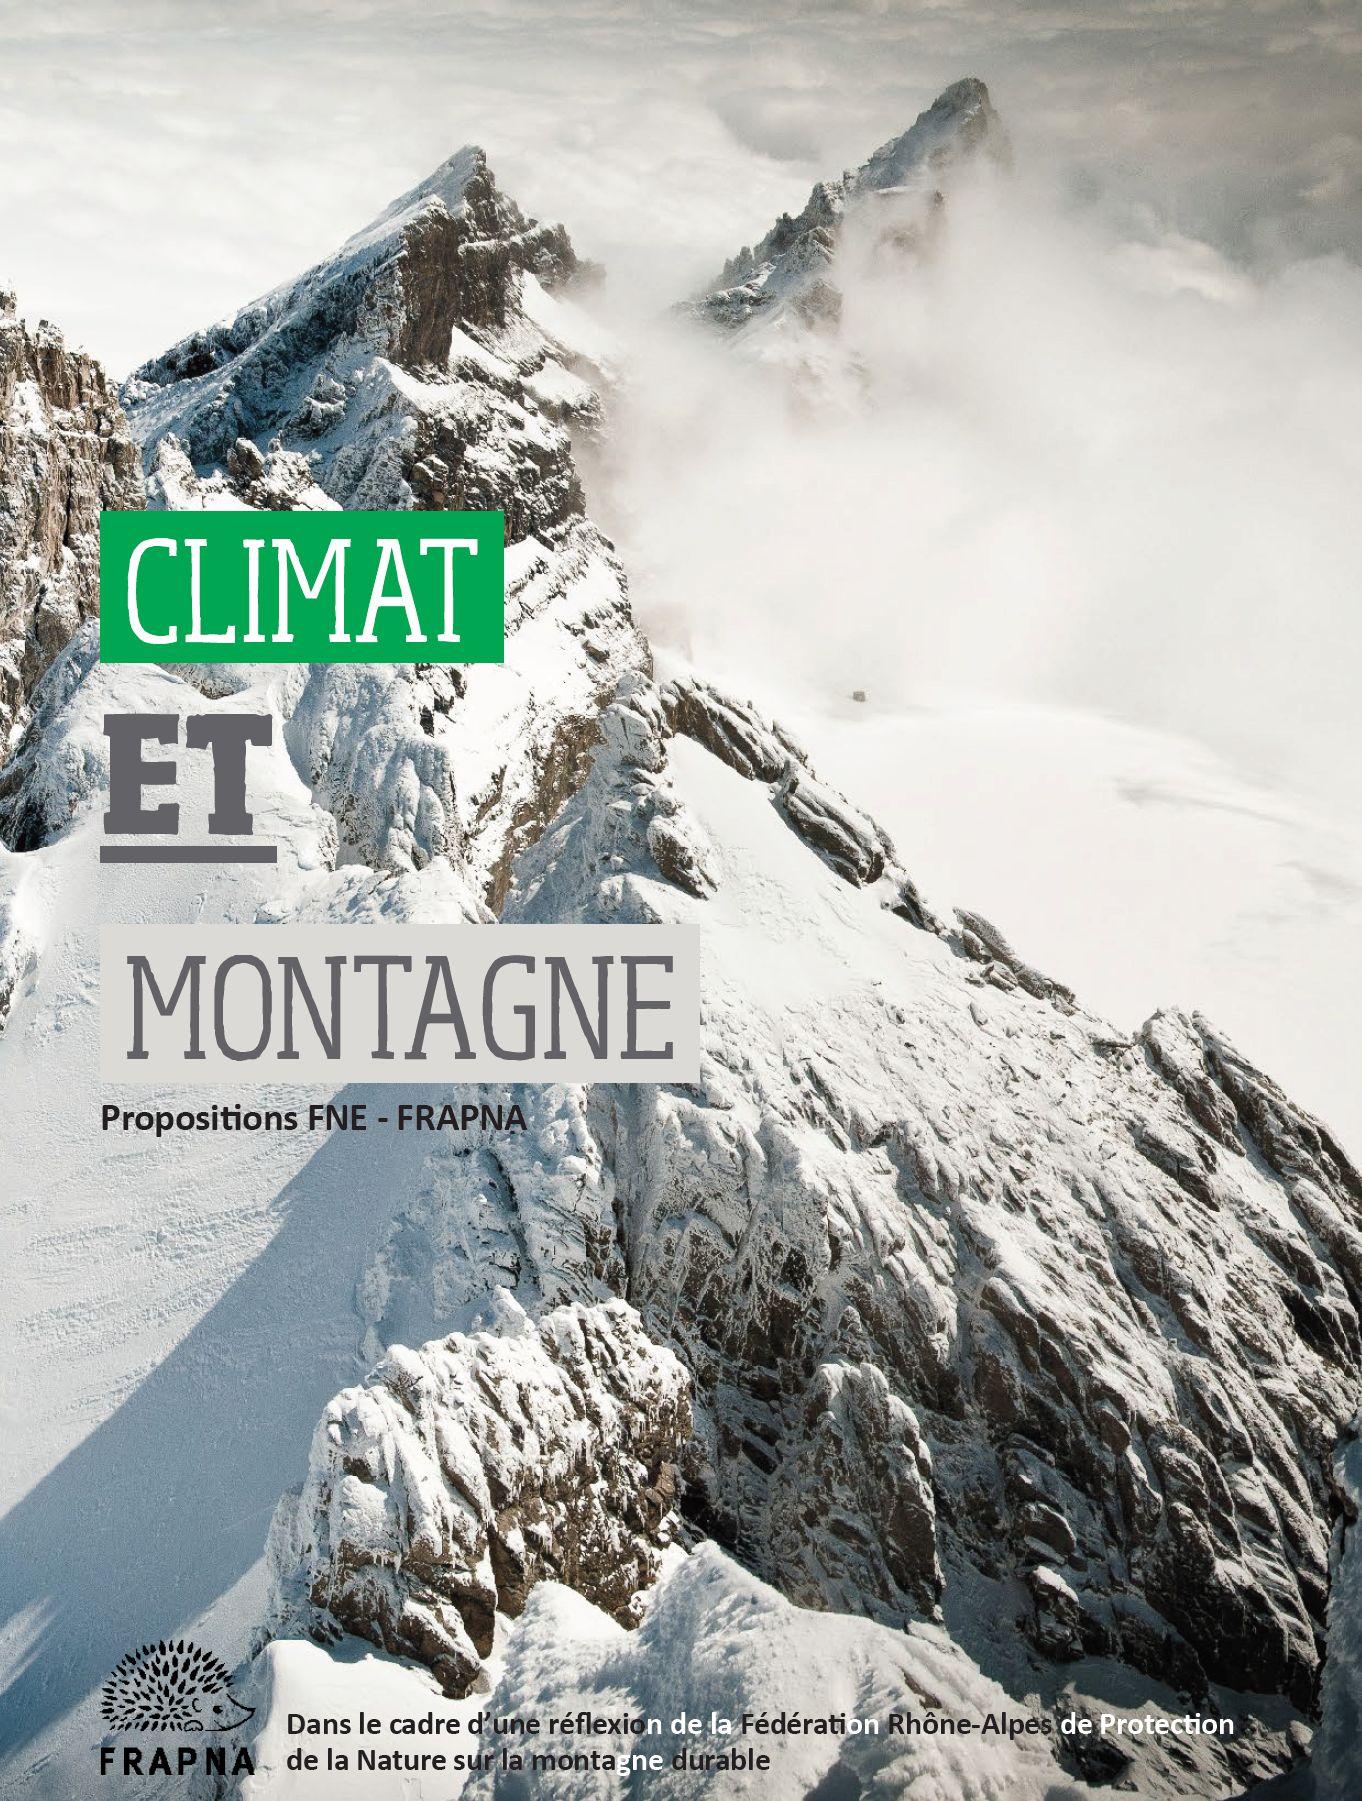 Les propositions de FNE Auvergne-Rhône-Alpes pour assurer le devenir de la montagne